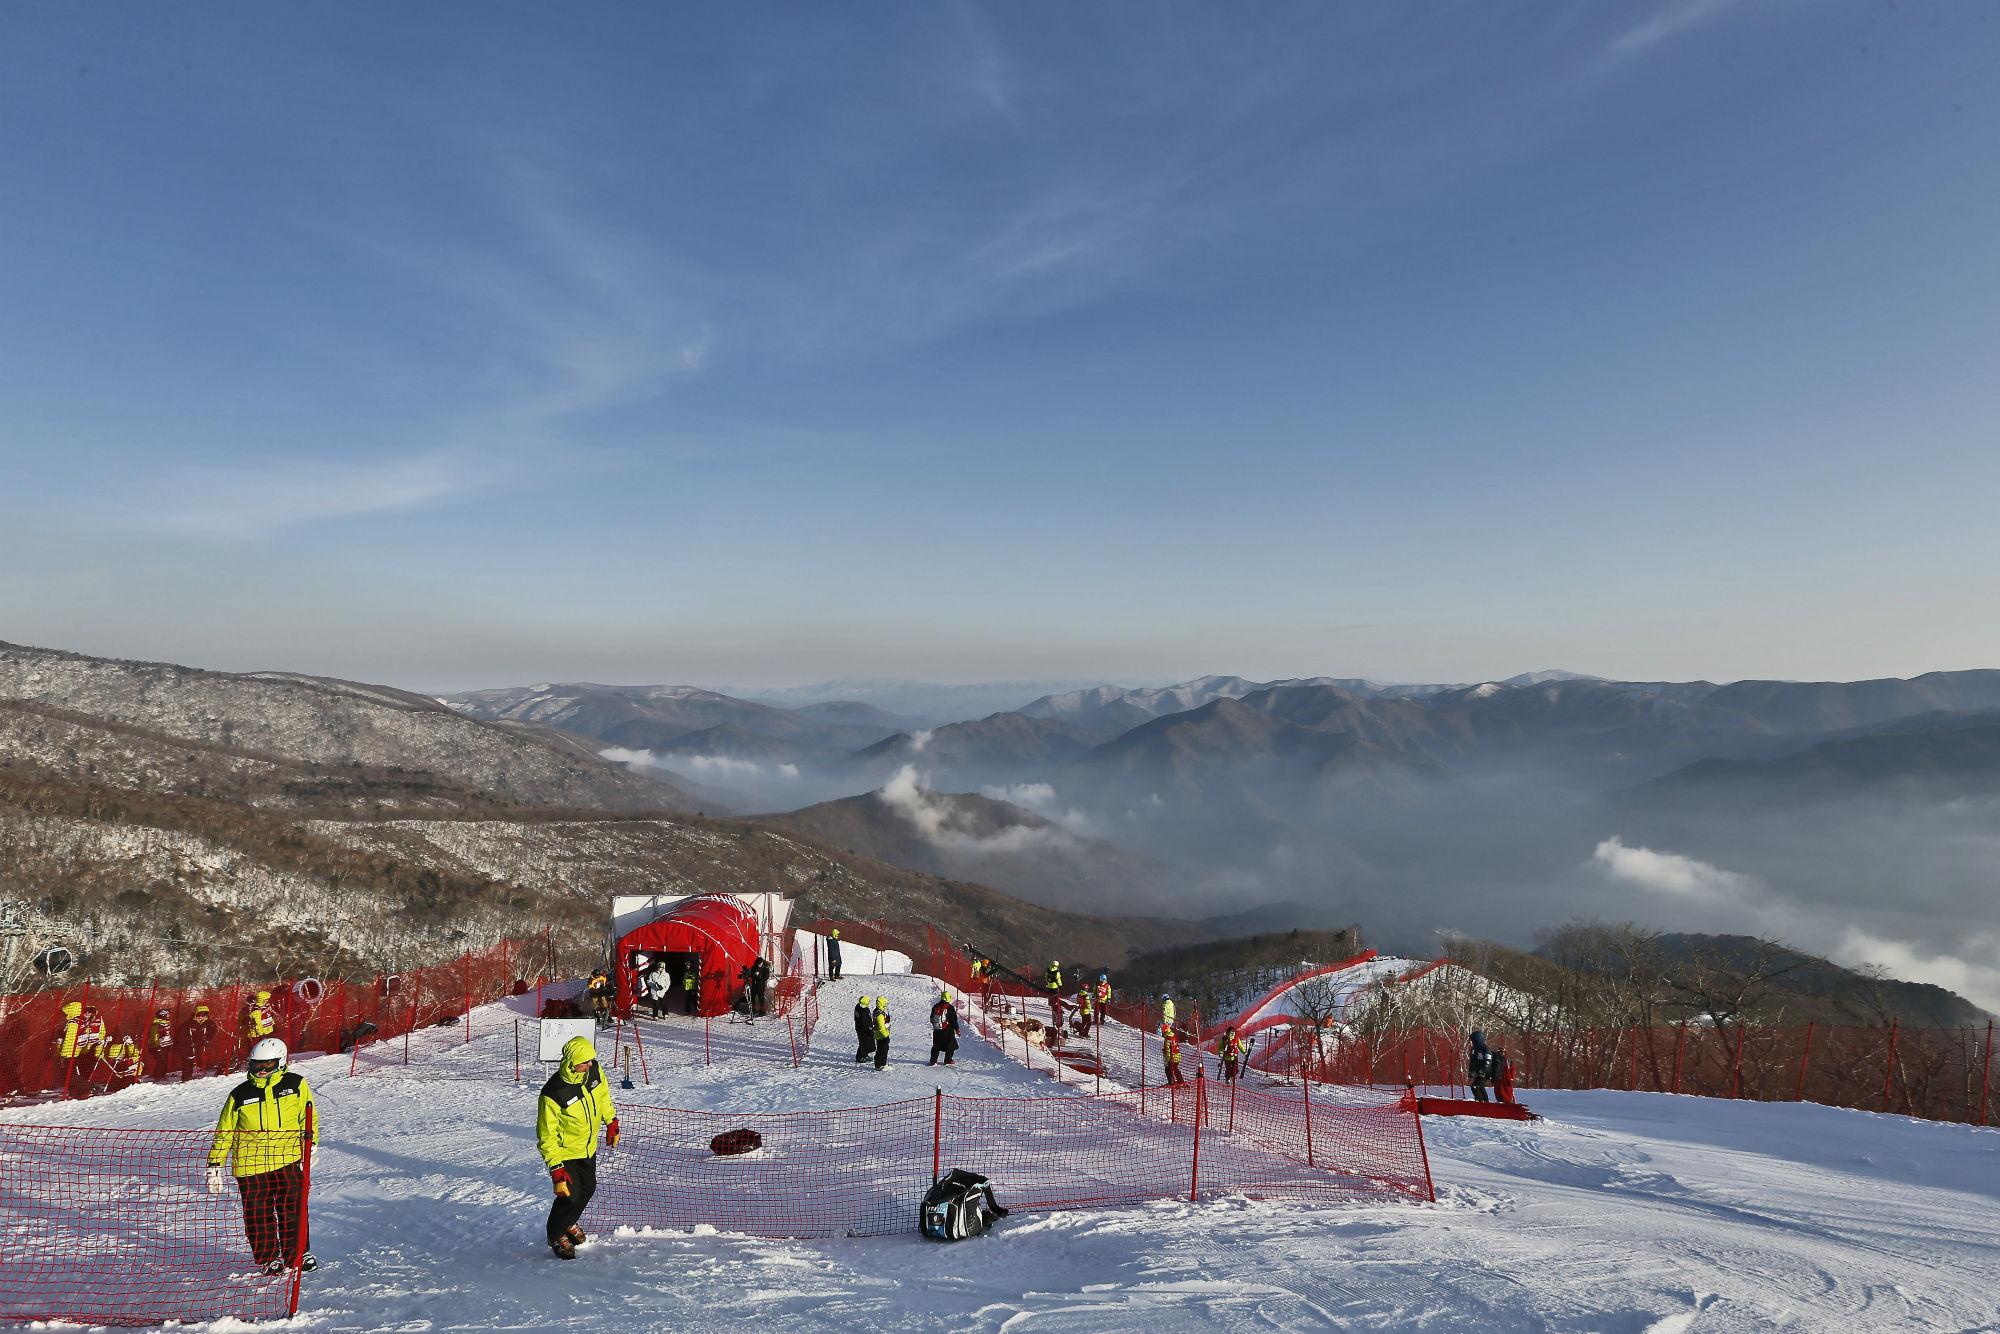 Immagini dal tracciato olimpico di Jeongseon (@Zoom agence)